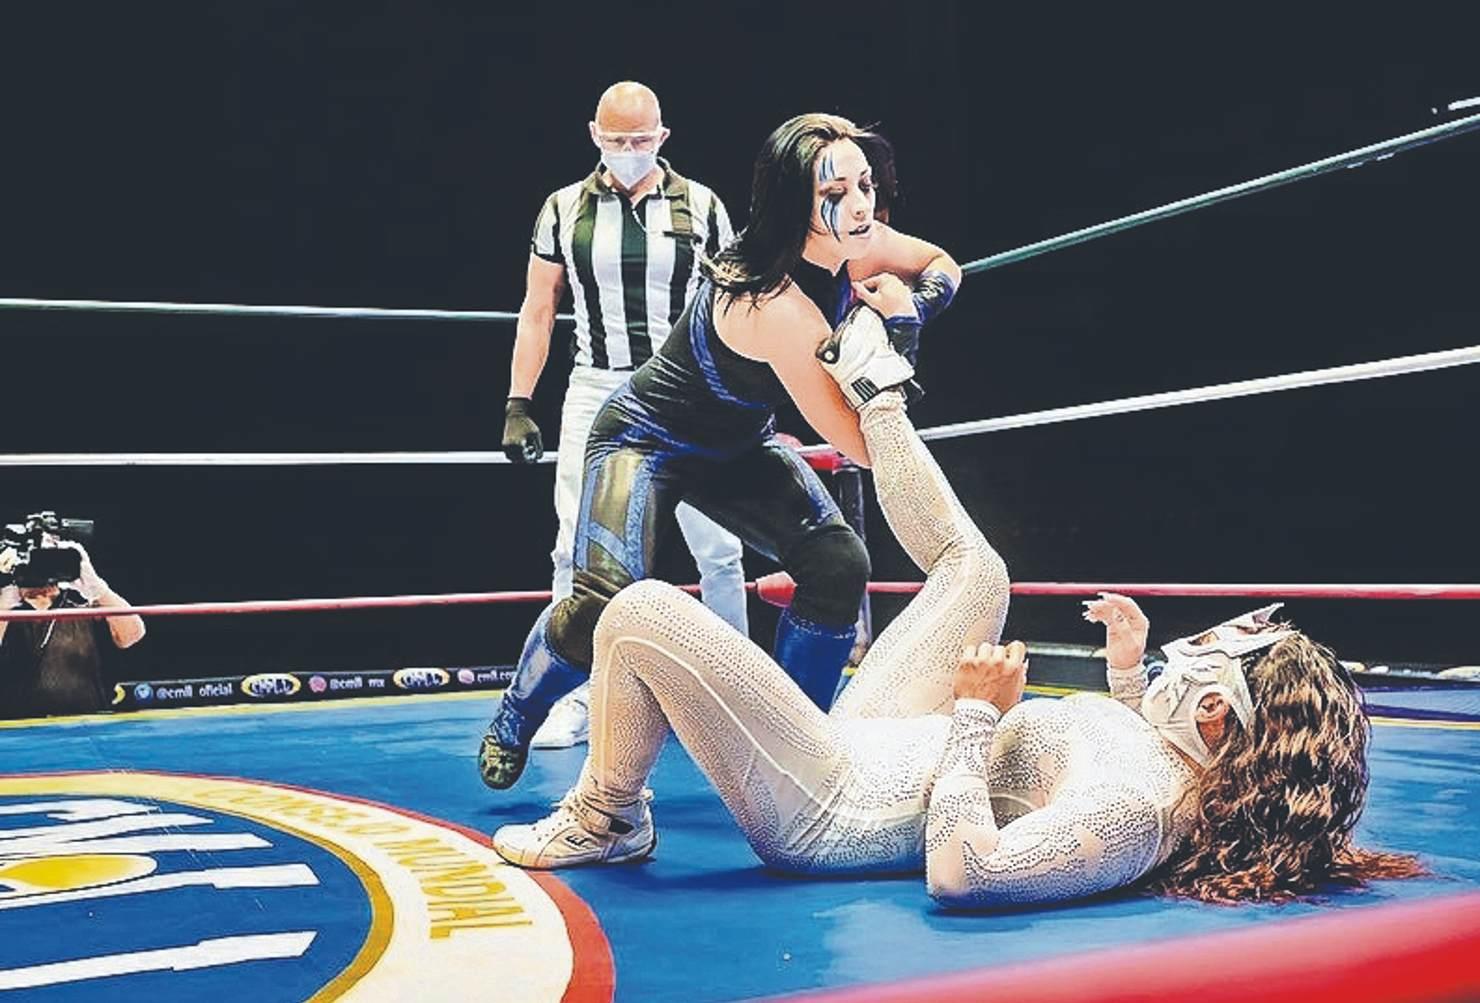 Stephanie Vaquer con ganas de ser la luchadora estelar en el aniversario del CMLL